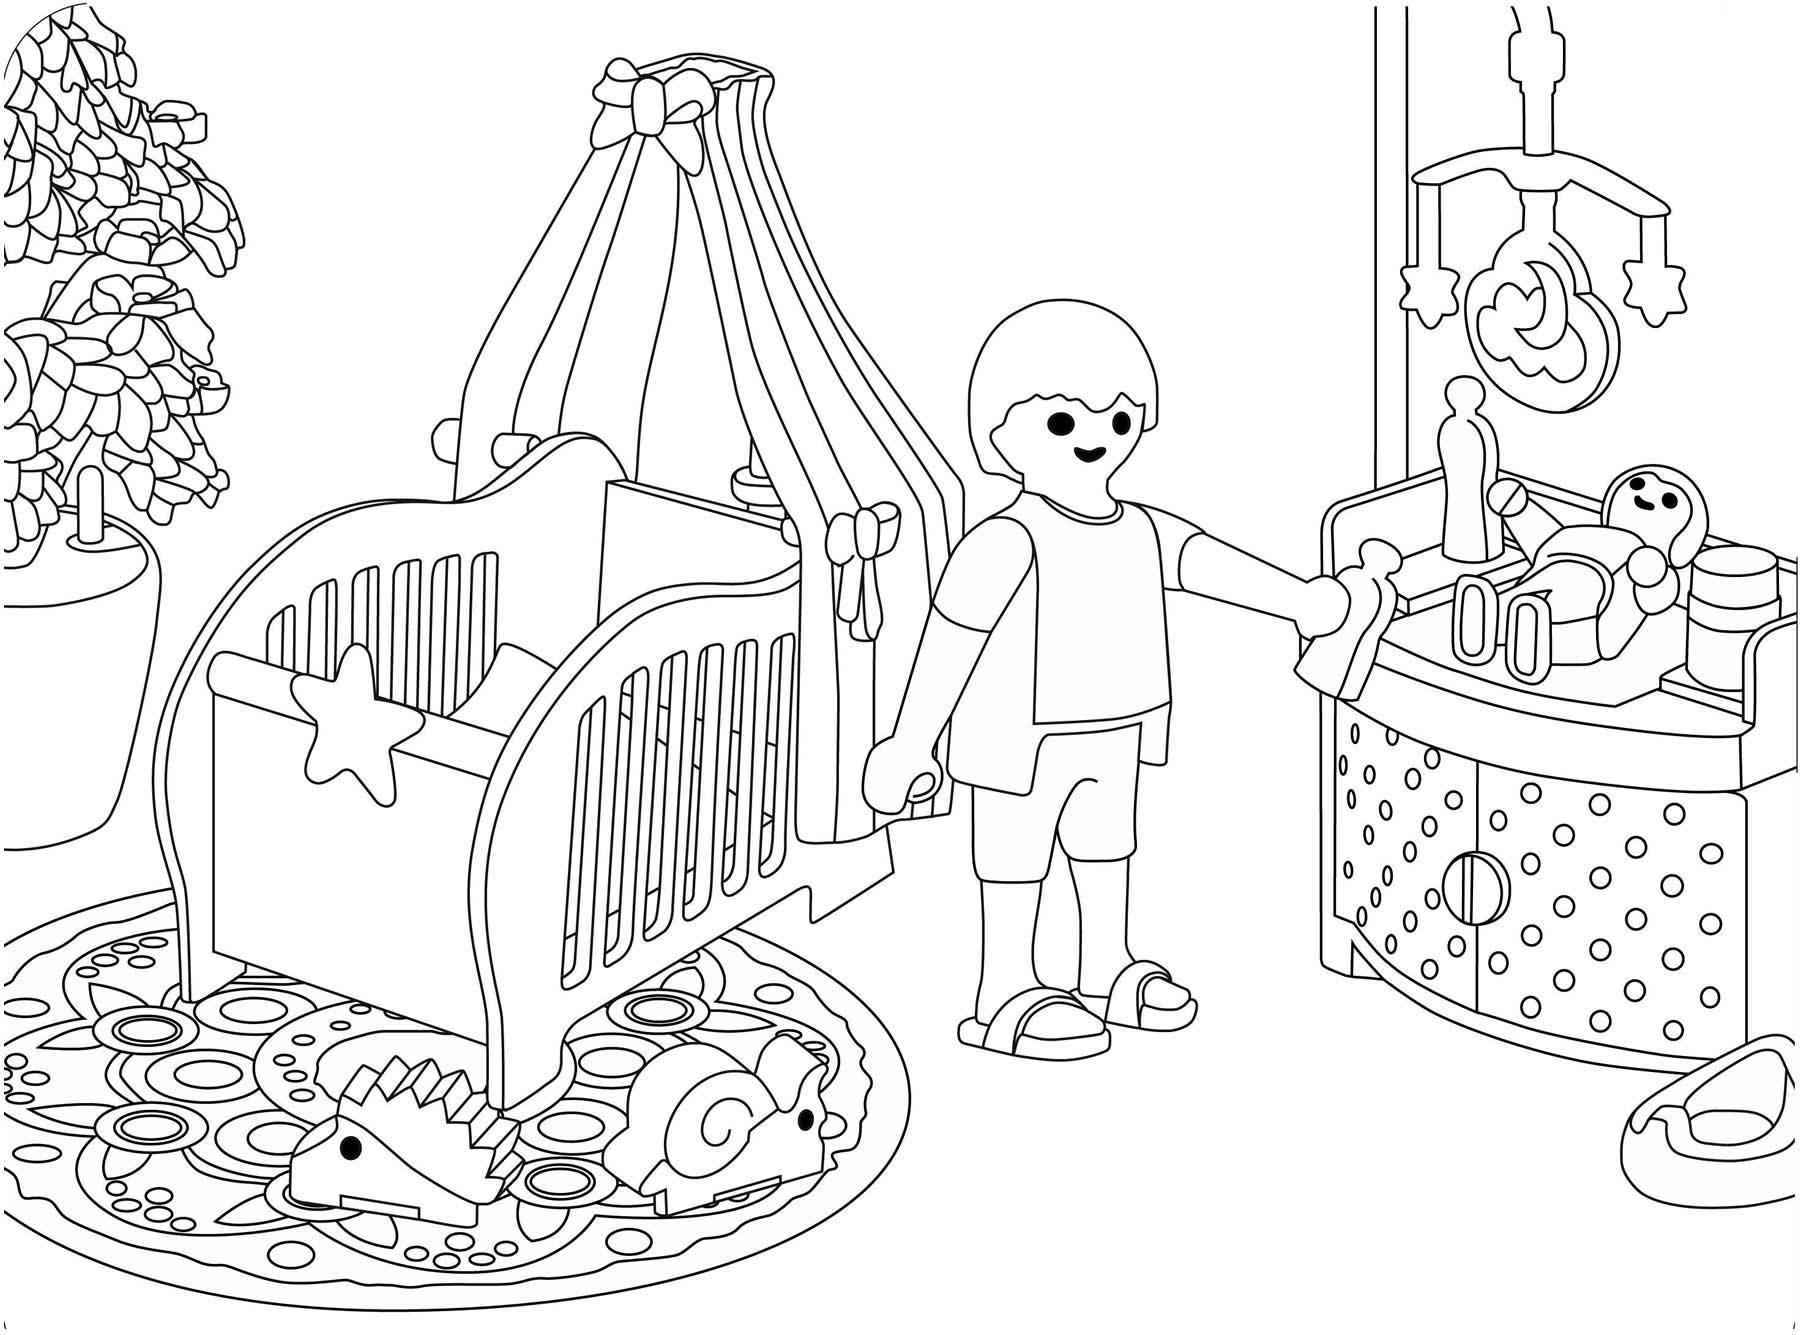 Imagem de Playmobil para pintar